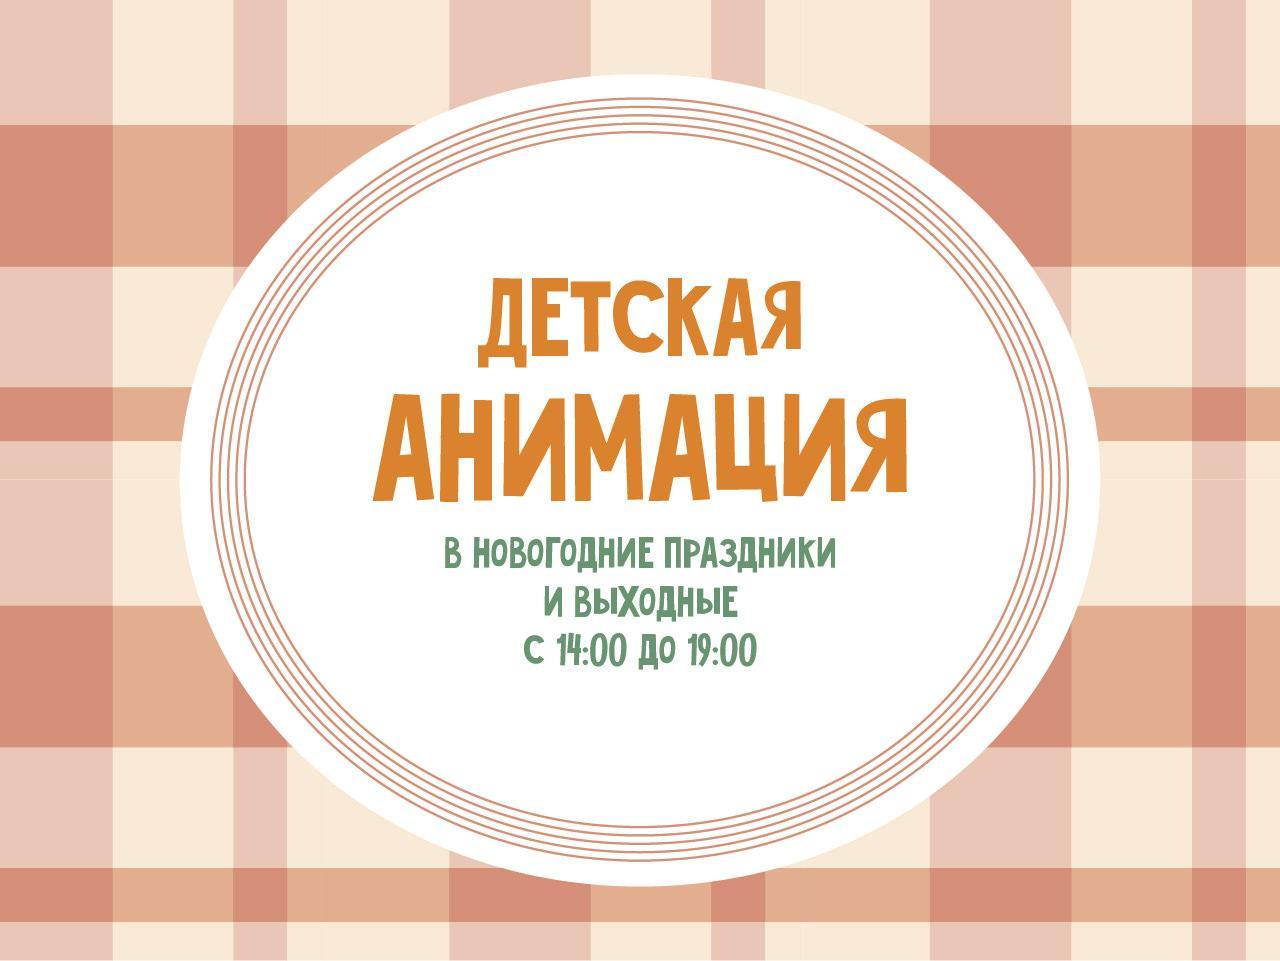 Детская анимация в новогодние каникулы и выходные с 14:00 до 19:00!